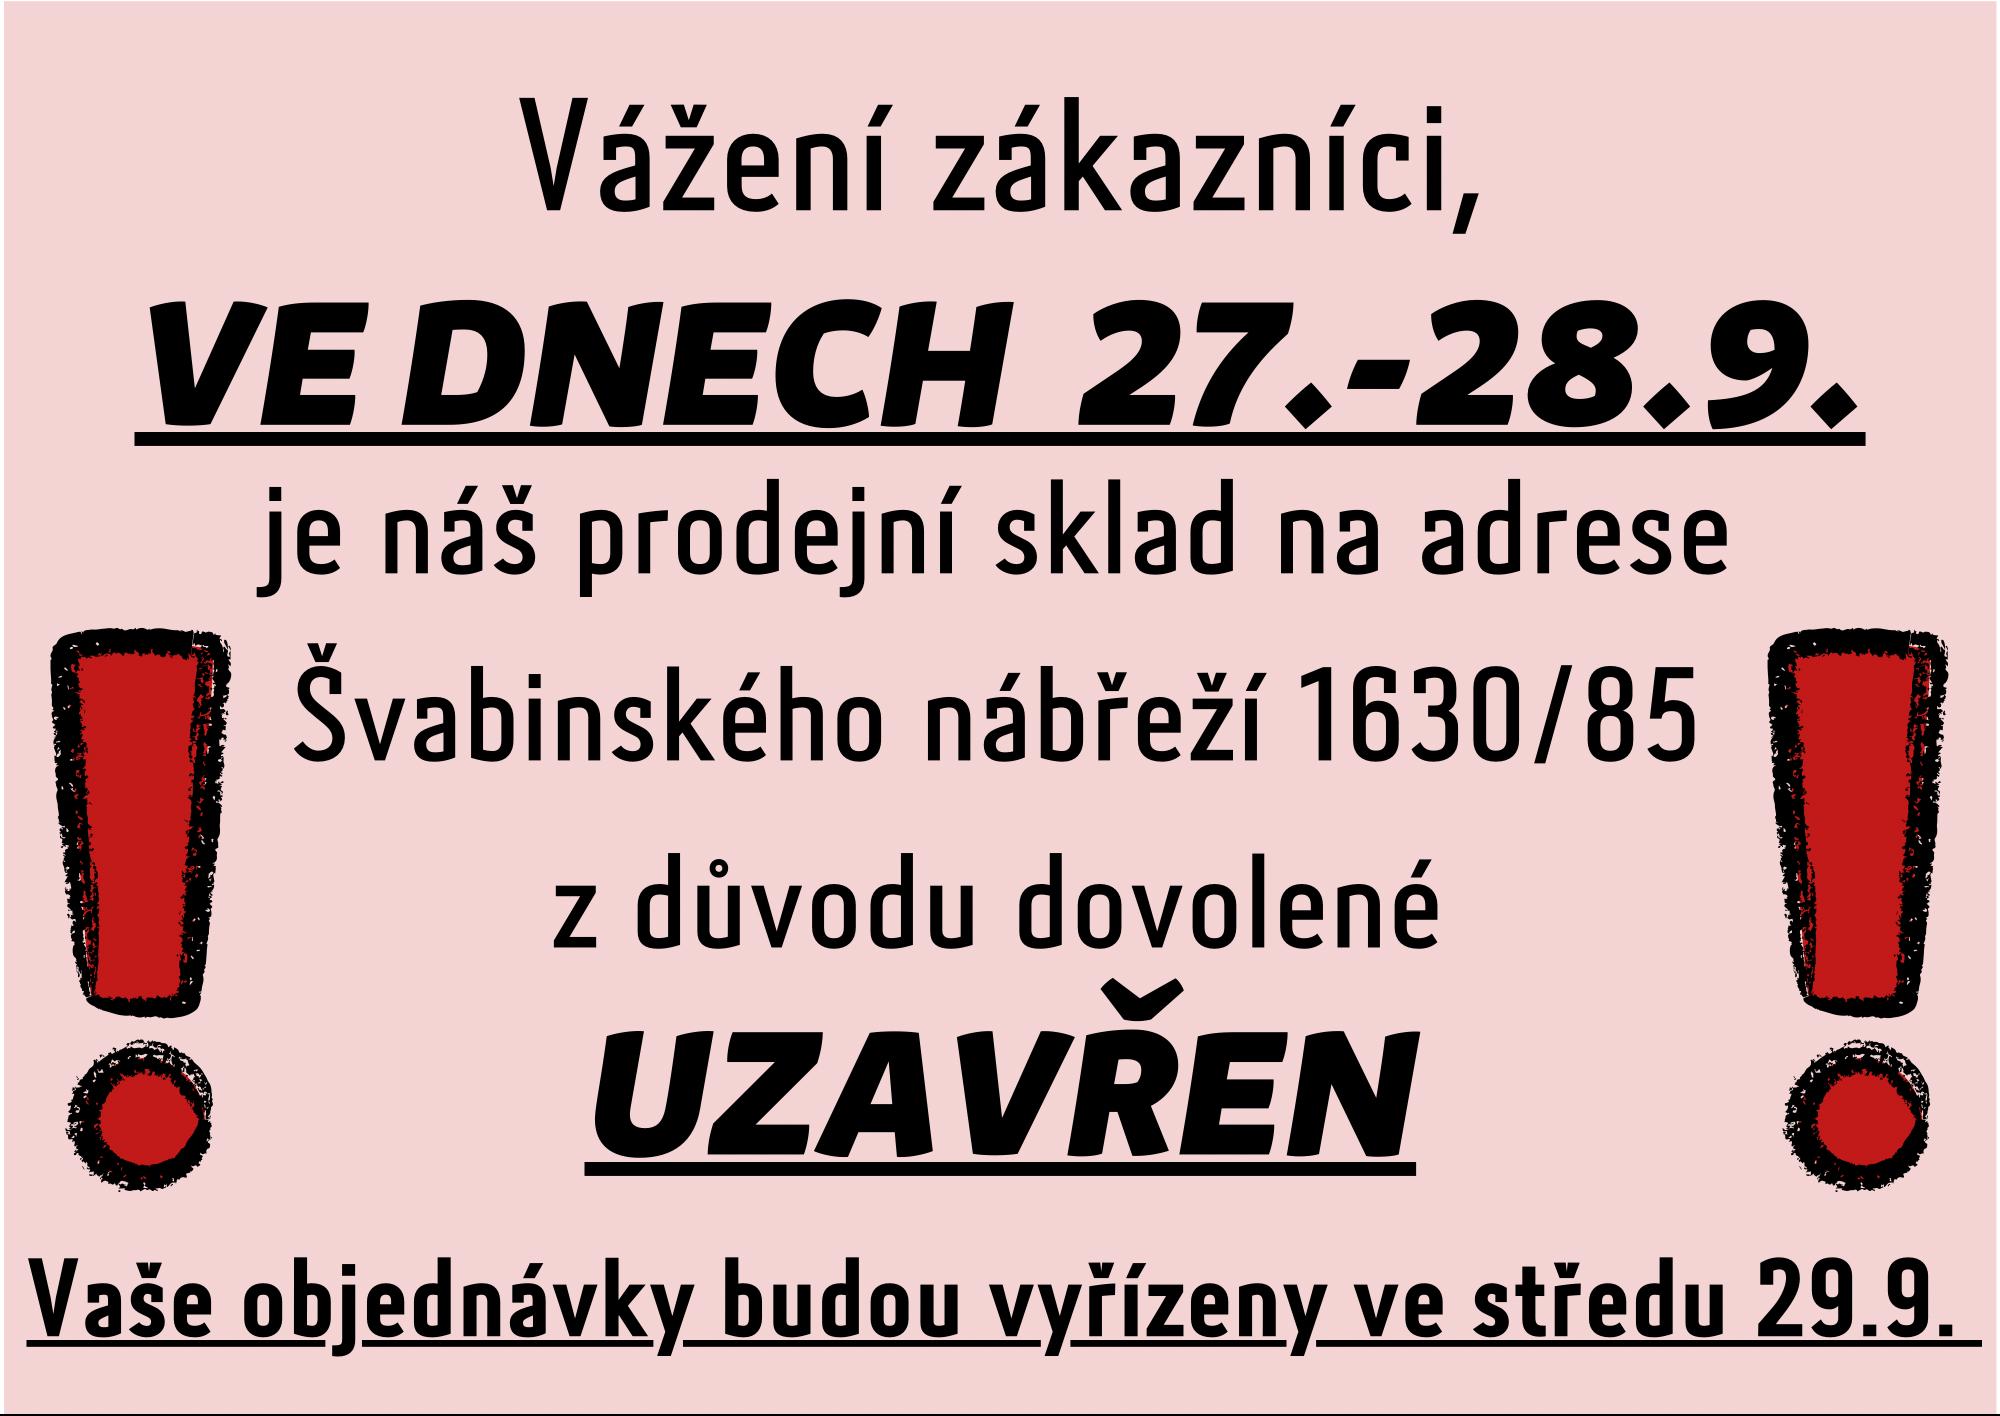 27.-28.9. ZAVŘENO - objednávky budou vyřízeny 29.9.2021